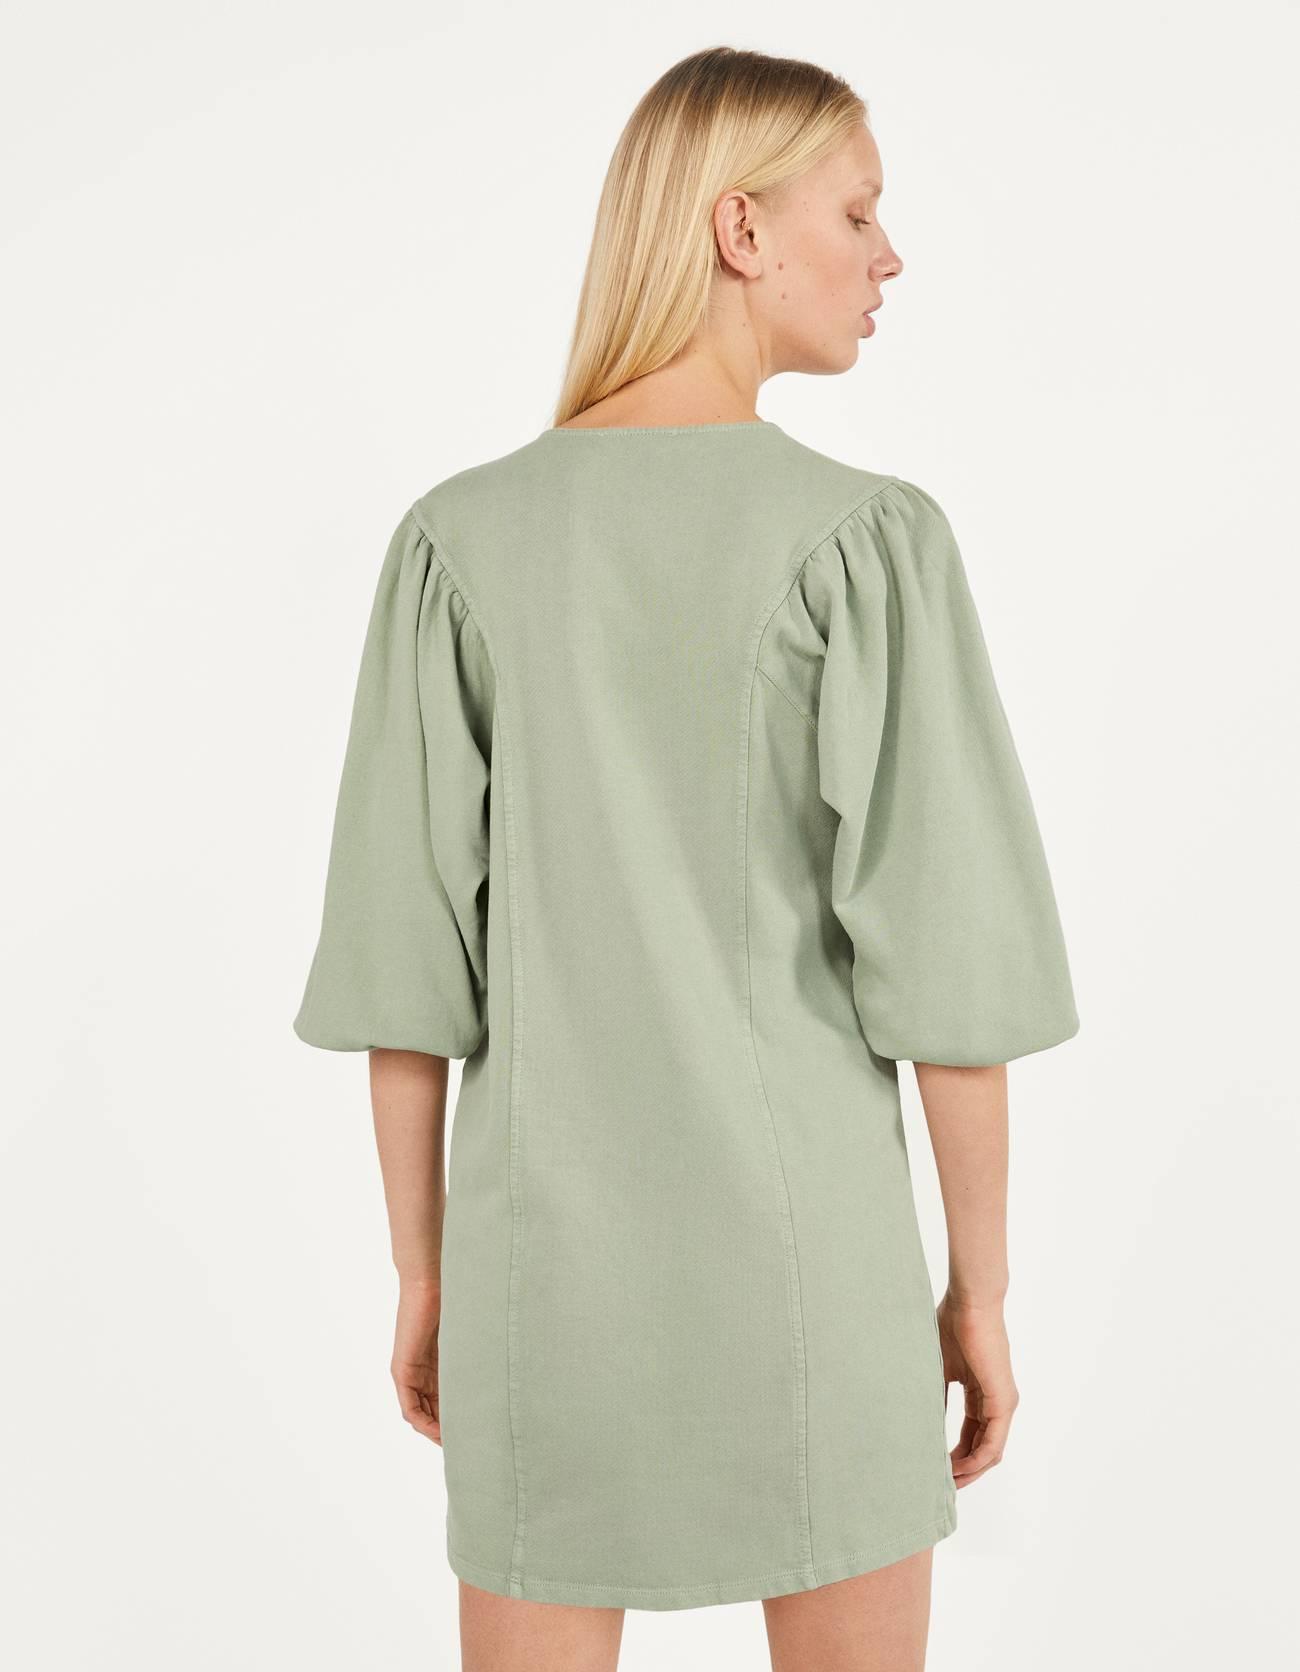 Платье из мягкой ткани с объемными рукавами ЗЕЛЕНЫЙ Bershka